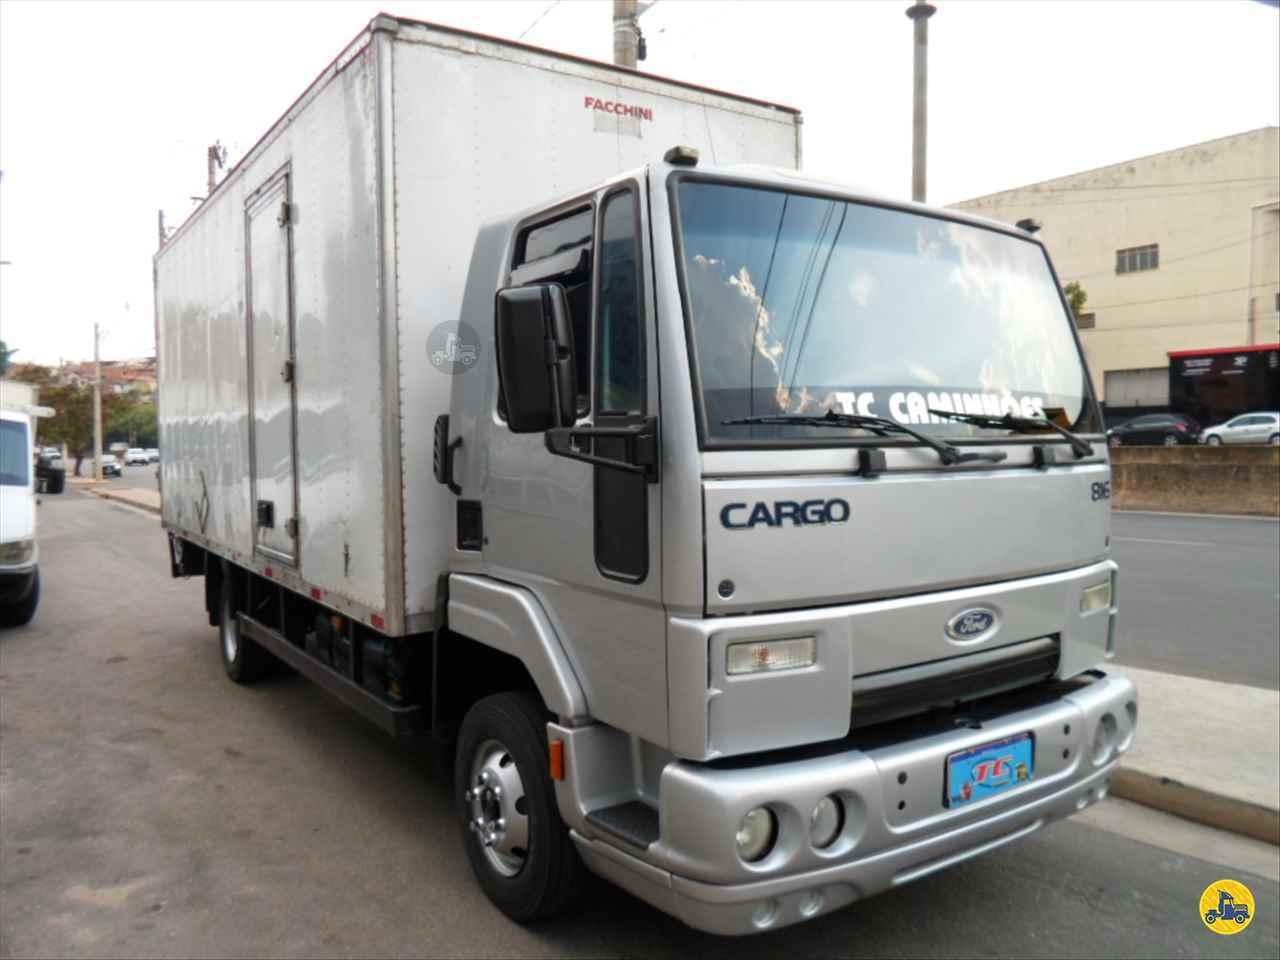 CARGO 816 de TC Caminhões  - BELO HORIZONTE/MG